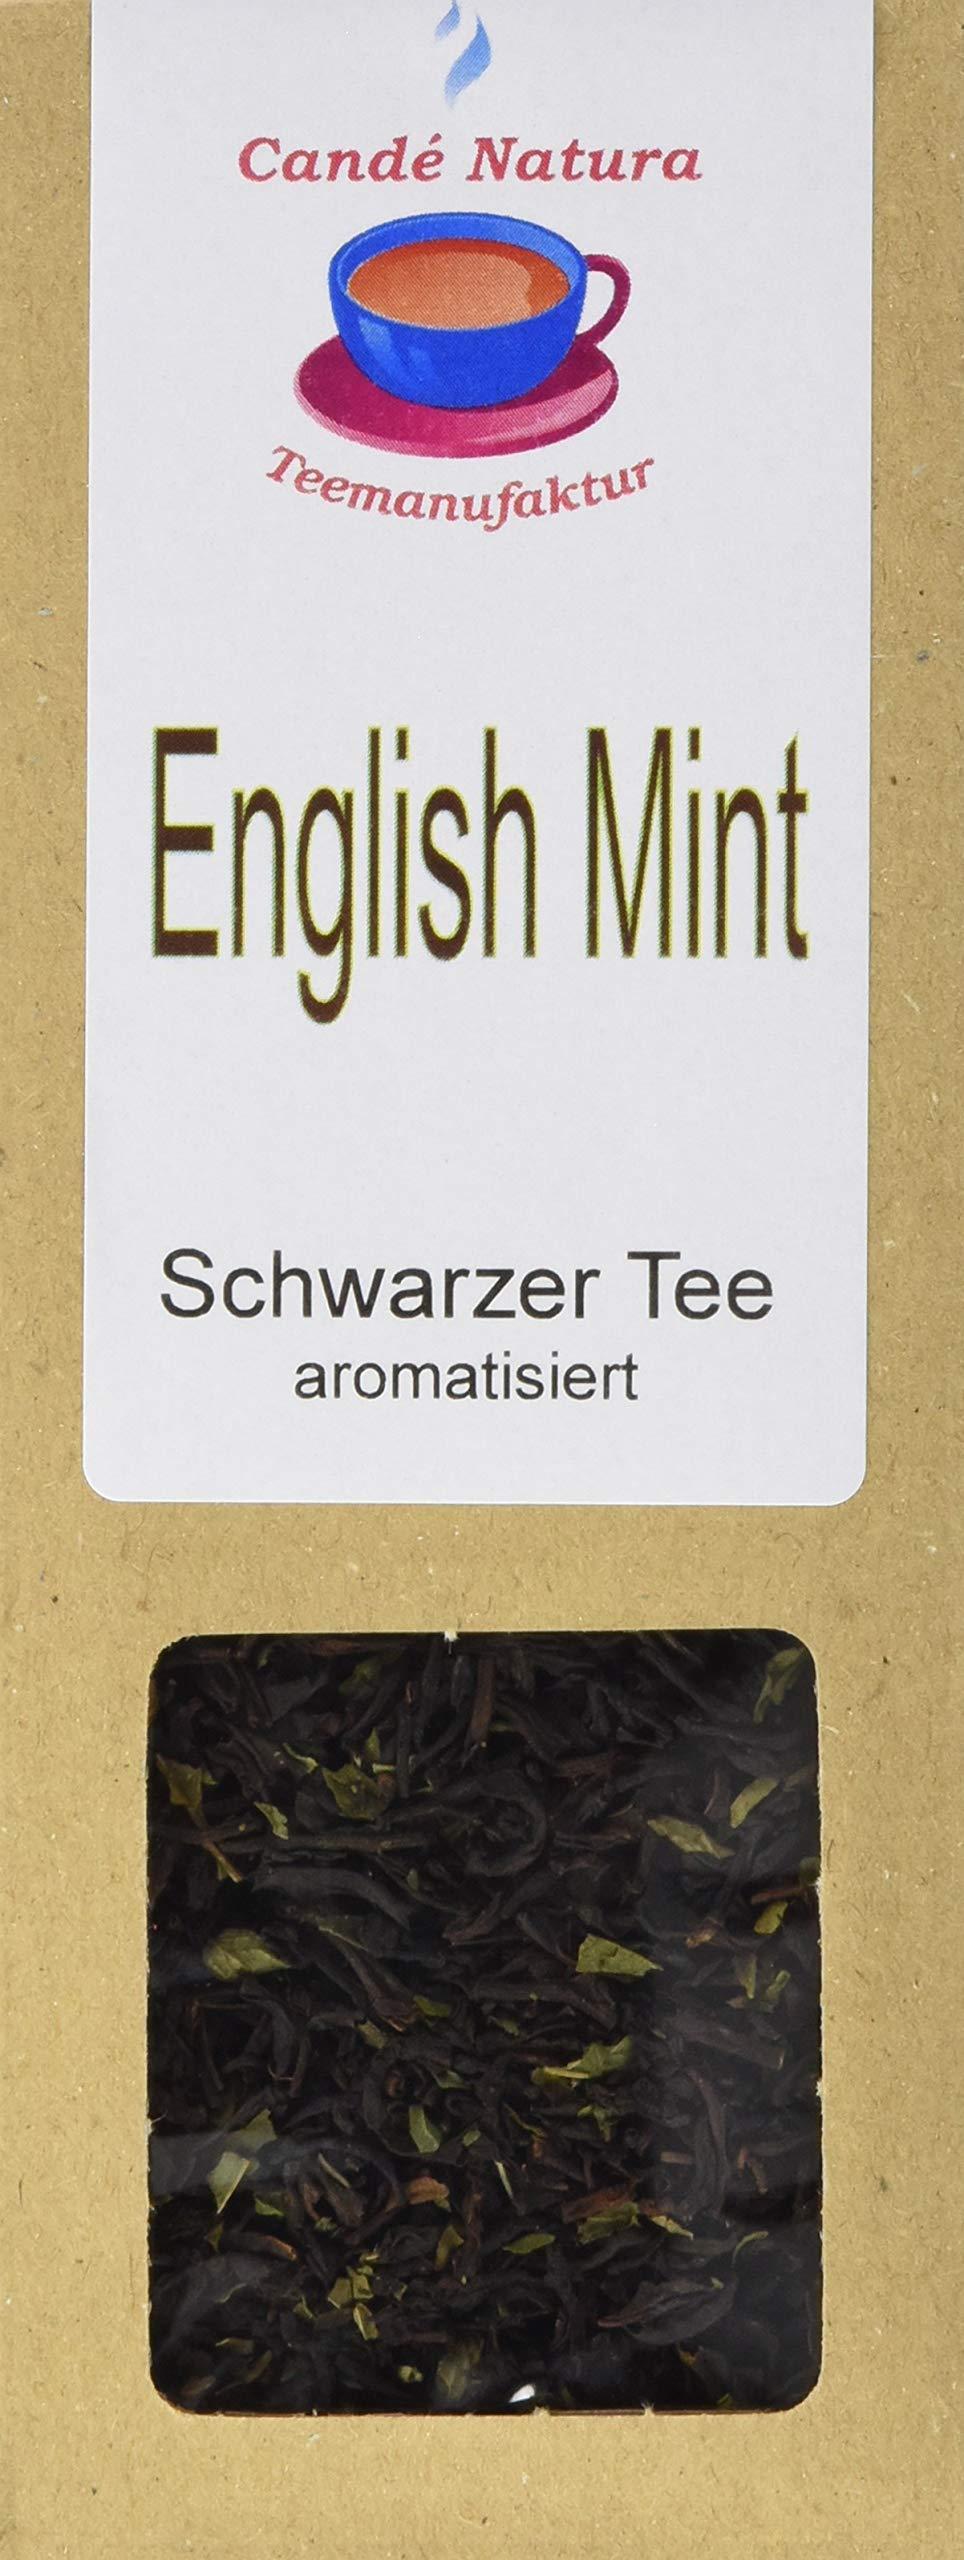 Cand-Natura-Teemanufaktur-Englisch-Mint-Schwarzteemischung-aromatisiert-5er-Pack-5-x-85-g